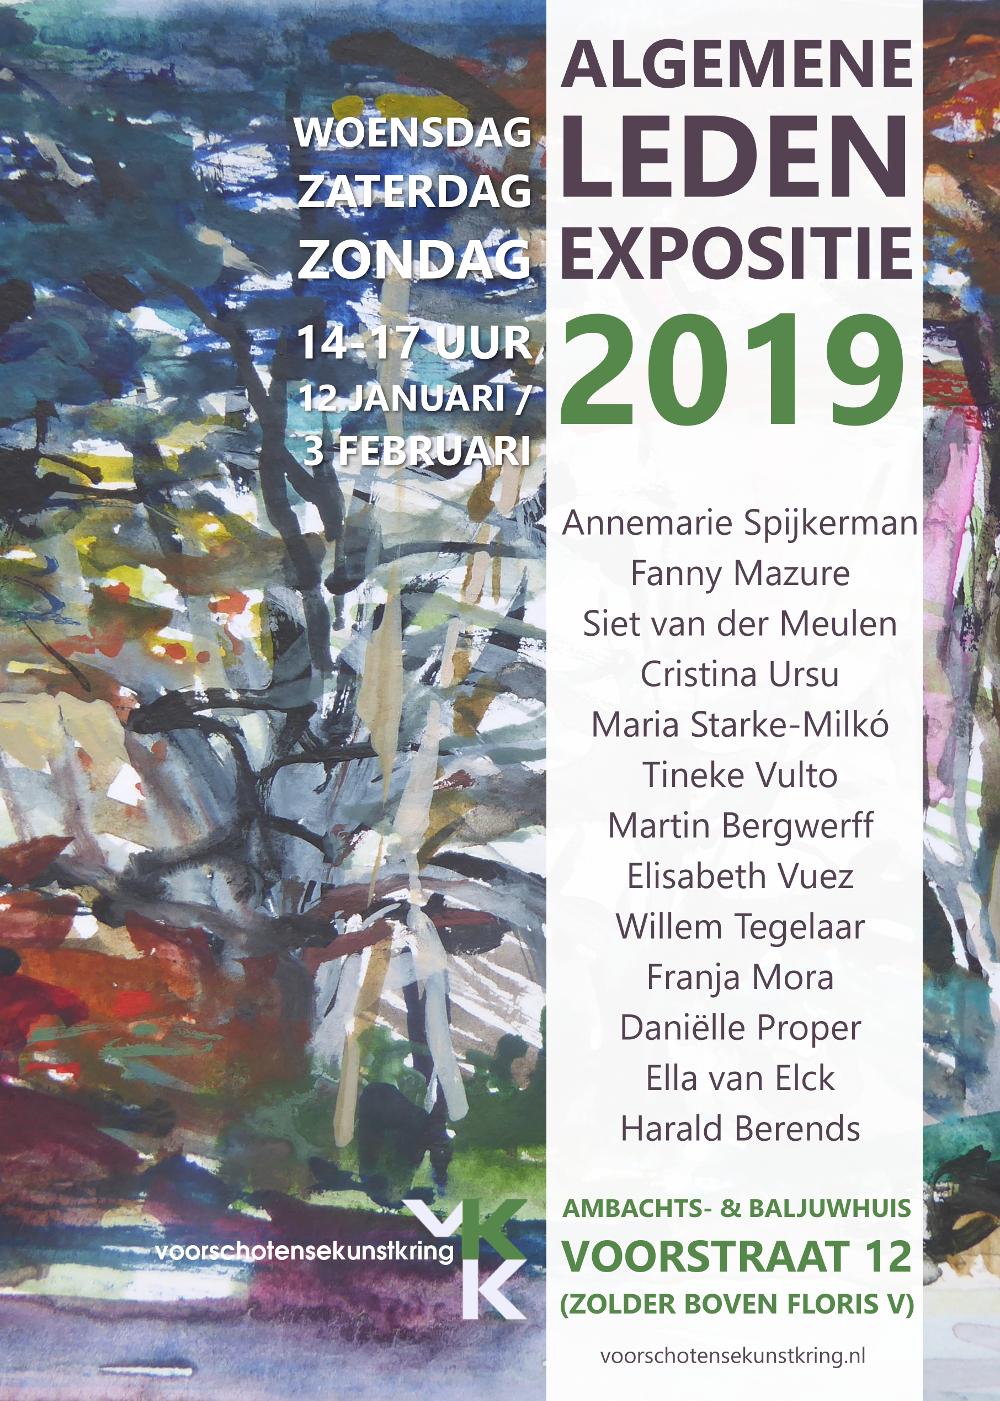 Algemene Leden Expositie 2019